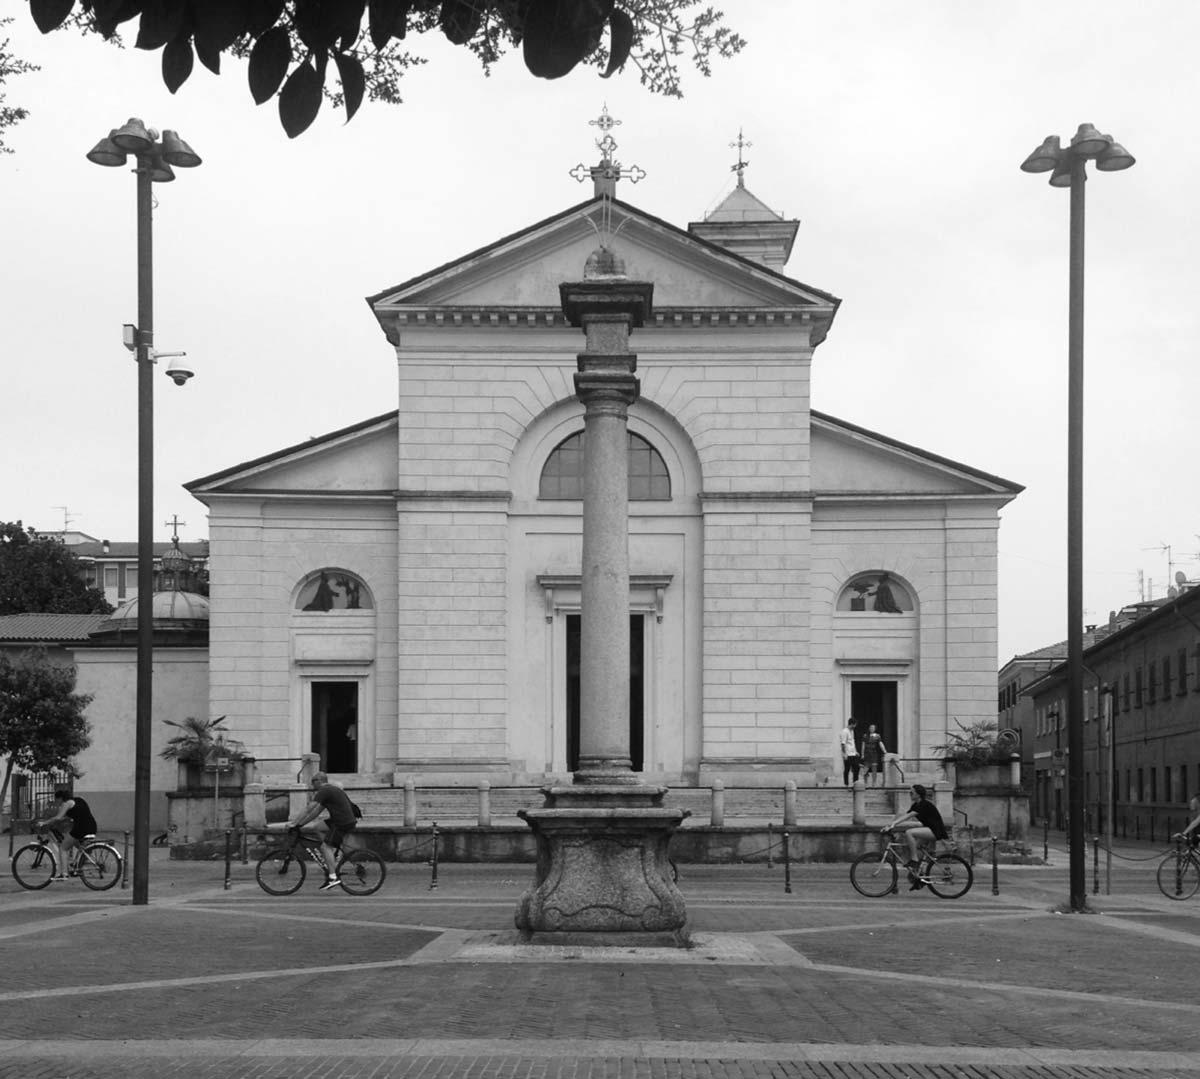 Degli-Esposti-Architetti_Colnago-Historical-Center-Public-Spaces_05